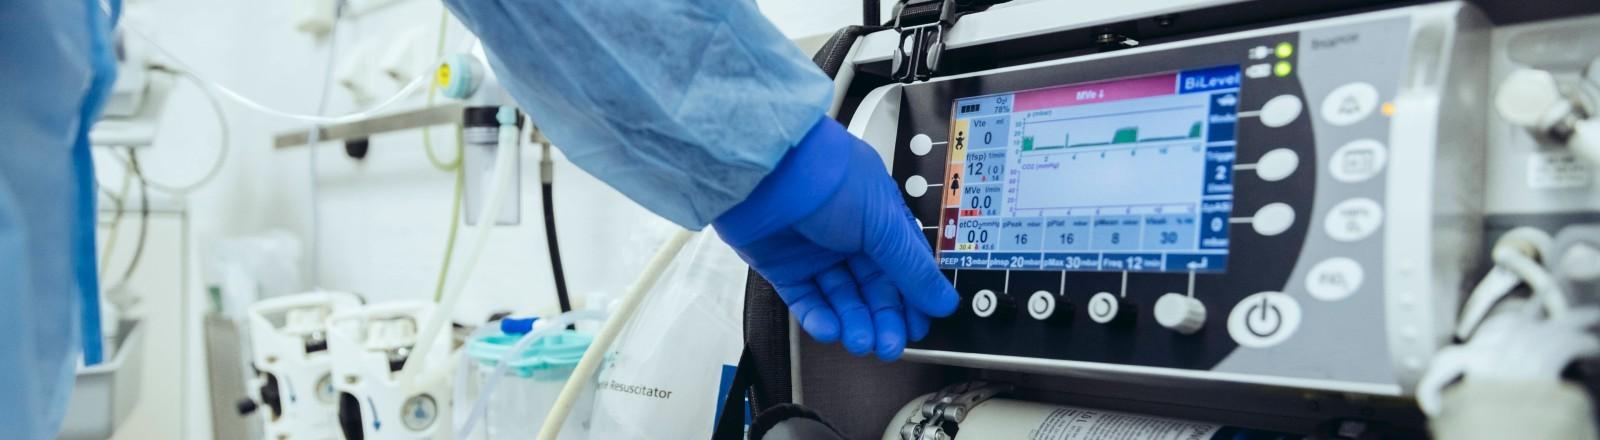 Eine Maschine im Krankenhaus wird bedient